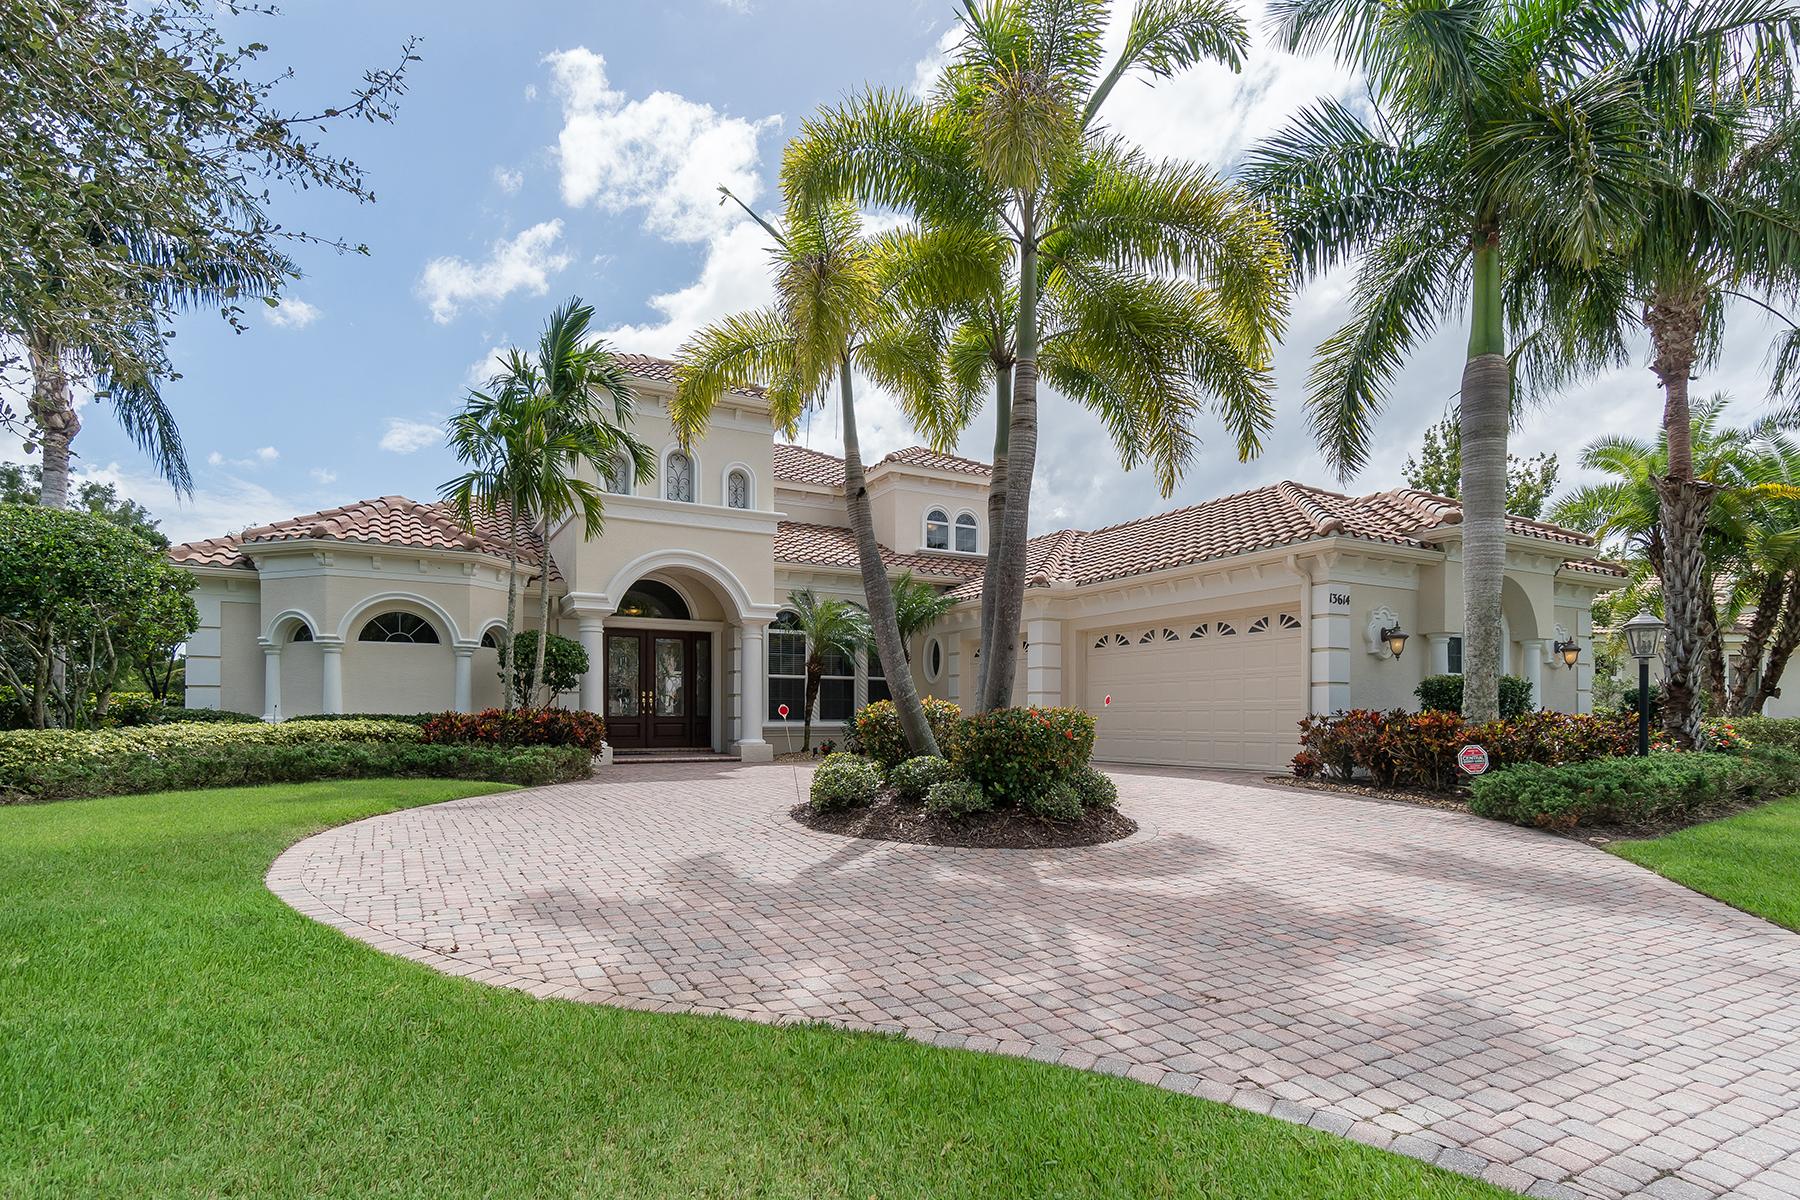 Tek Ailelik Ev için Satış at LAKEWOOD RANCH COUNTRY CLUB 13614 Legends Walk Terr Lakewood Ranch, Florida, 34202 Amerika Birleşik Devletleri